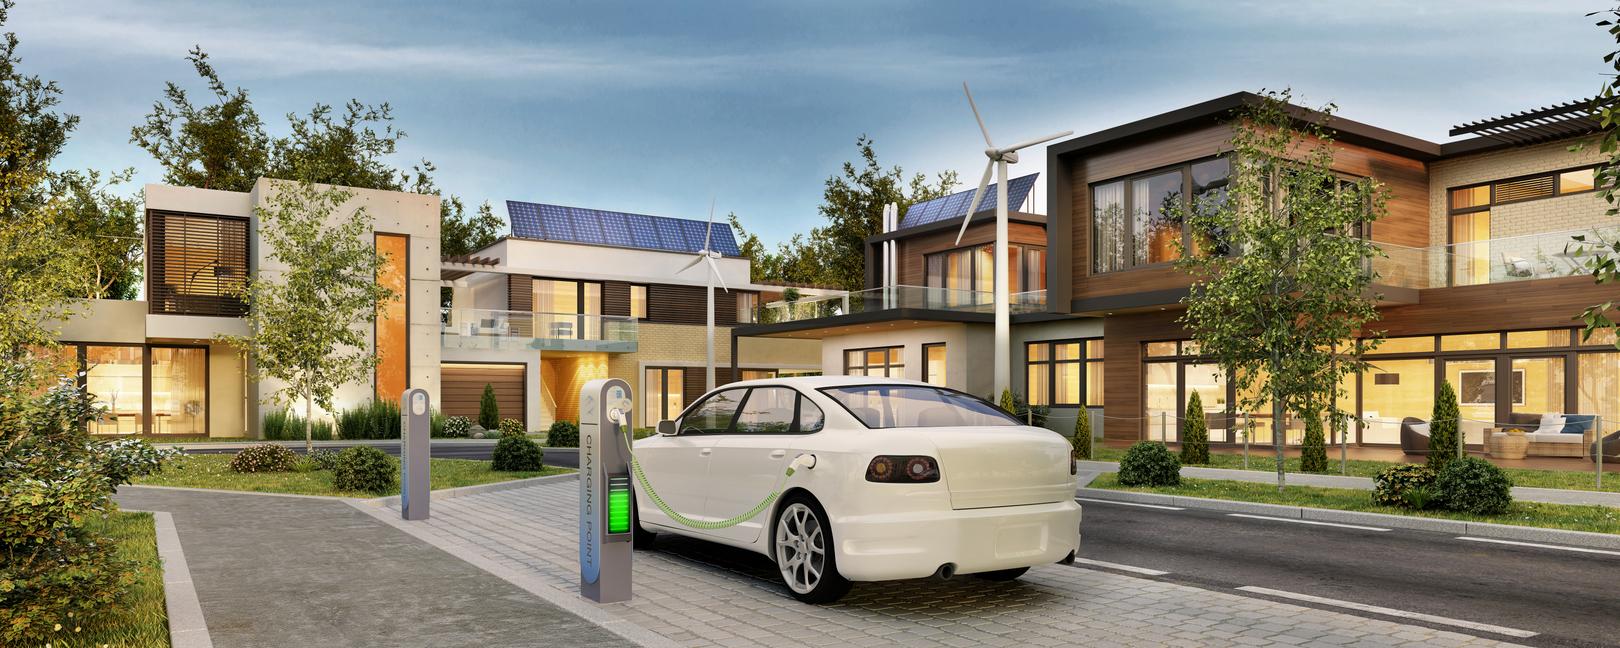 Für Eigentümergemeinschaften ist es leichter geworden, Baumaßnahmen umzusetzen, von denen Elektro-PKW profitieren.